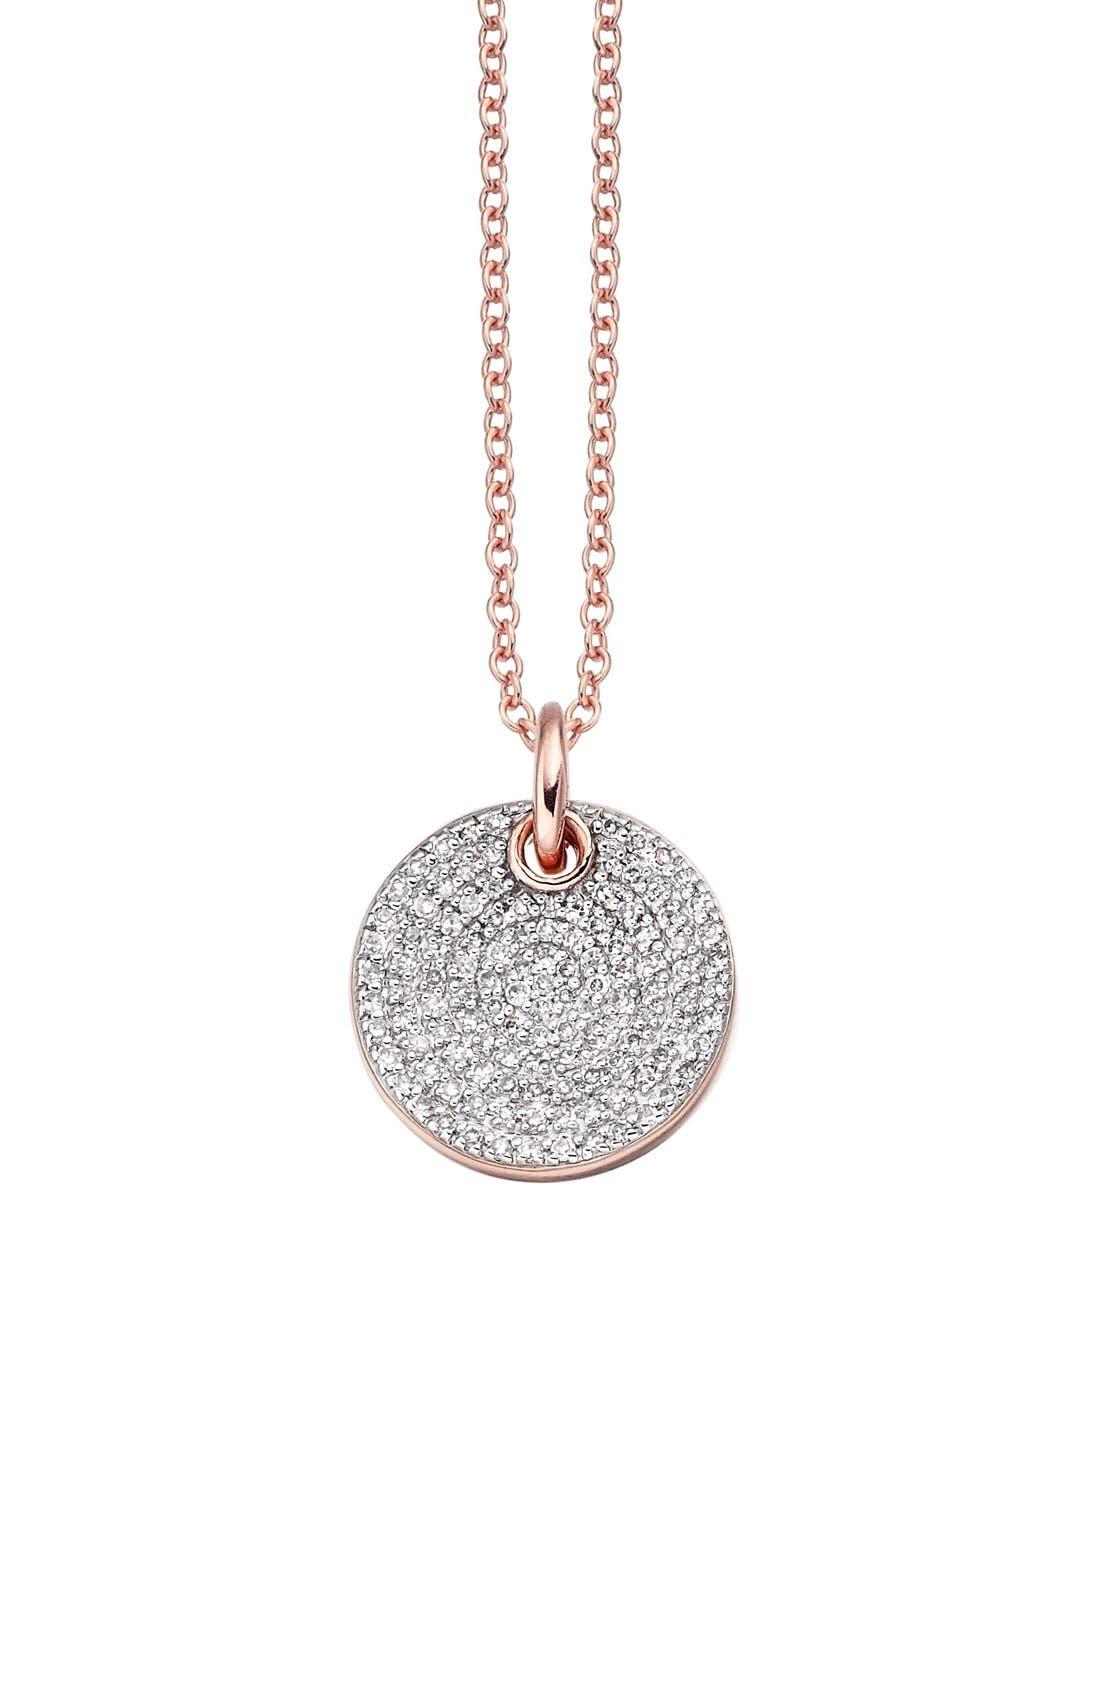 Monica Vinader 'Ava' Diamond Disc Pendant